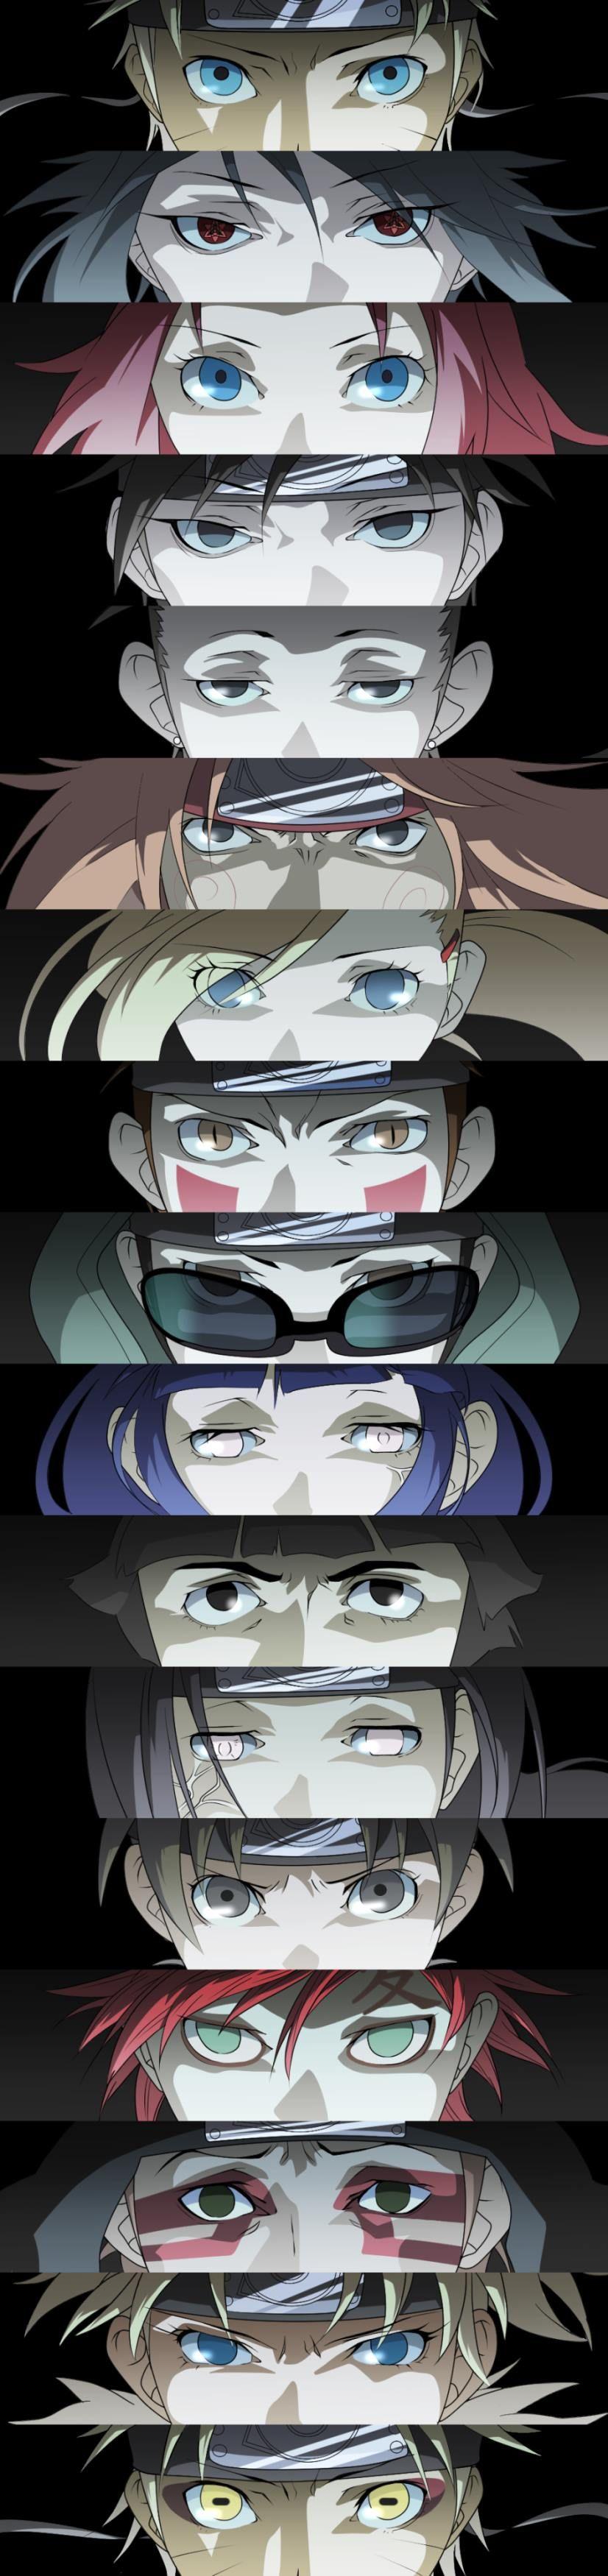 NARUTO SHIPPUDEN, Eye of Naruto